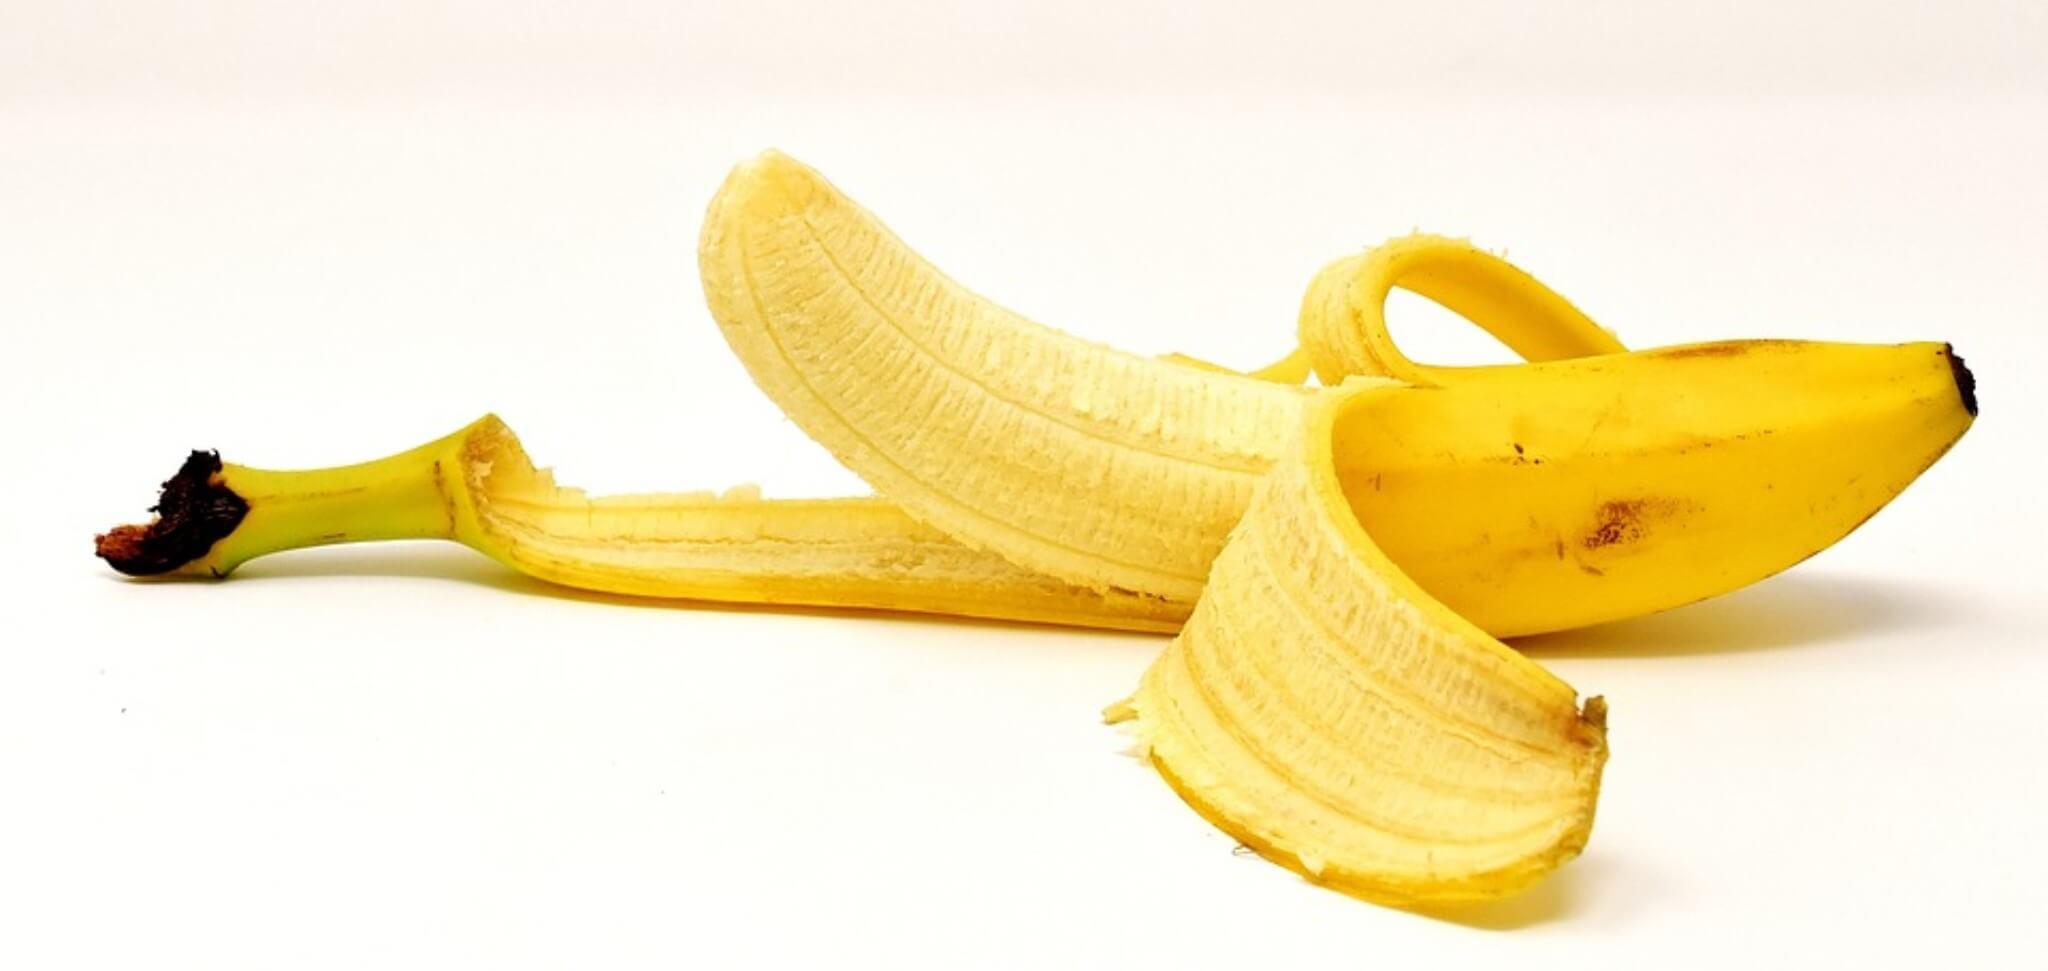 Banana: valori nutrizionali e proprietà, quello che devi sapere